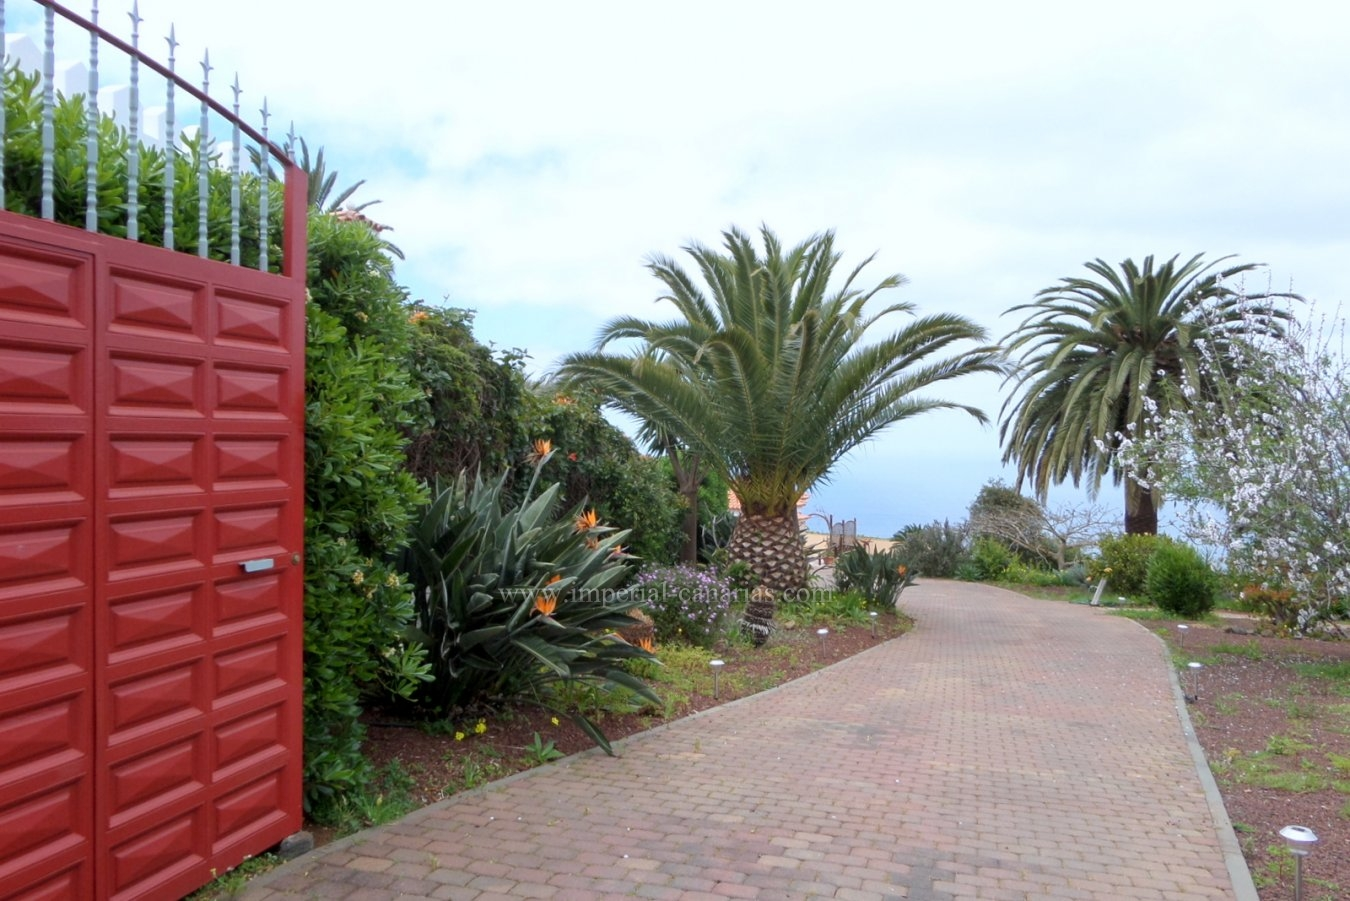 Chalet en venta en la zona de Tacoronte con impresionantes vistas panorámicas, en gran parcela con bello jardín y variado huerto.